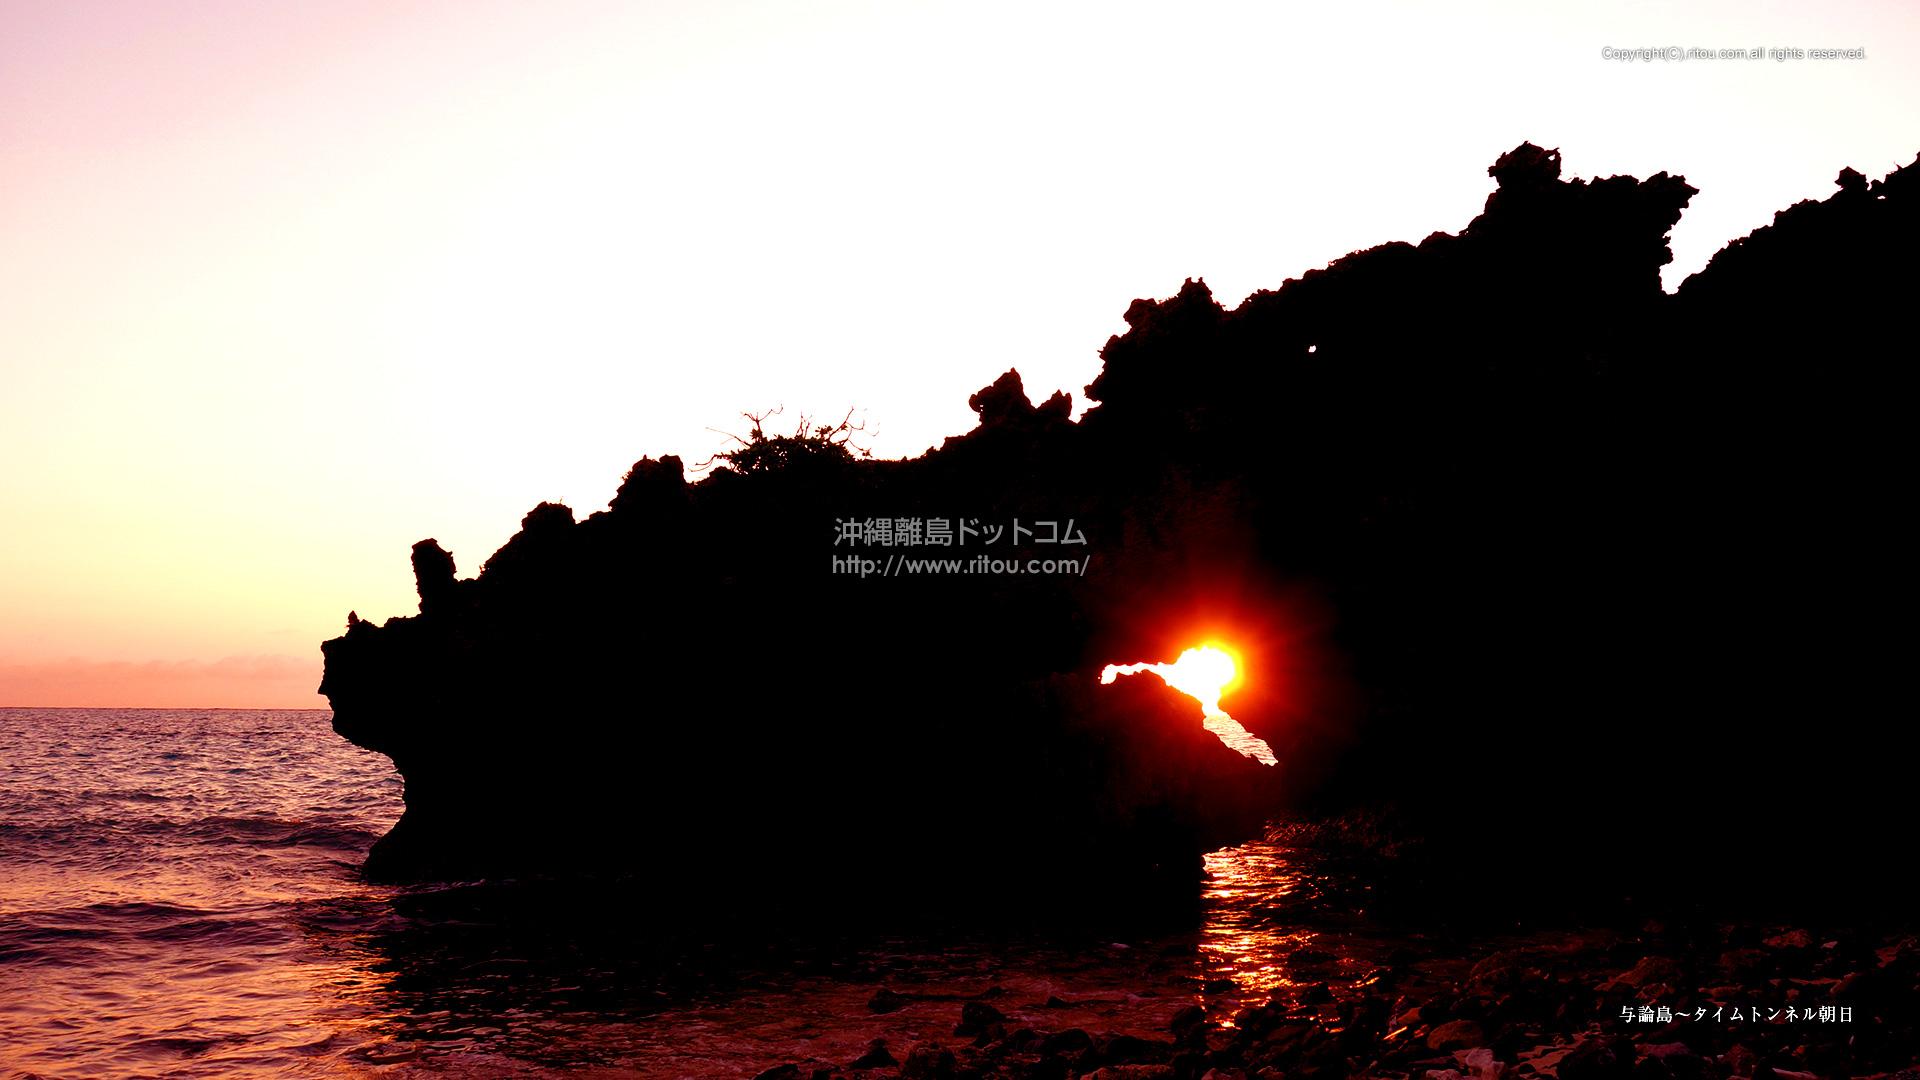 与論島〜タイムトンネル朝日